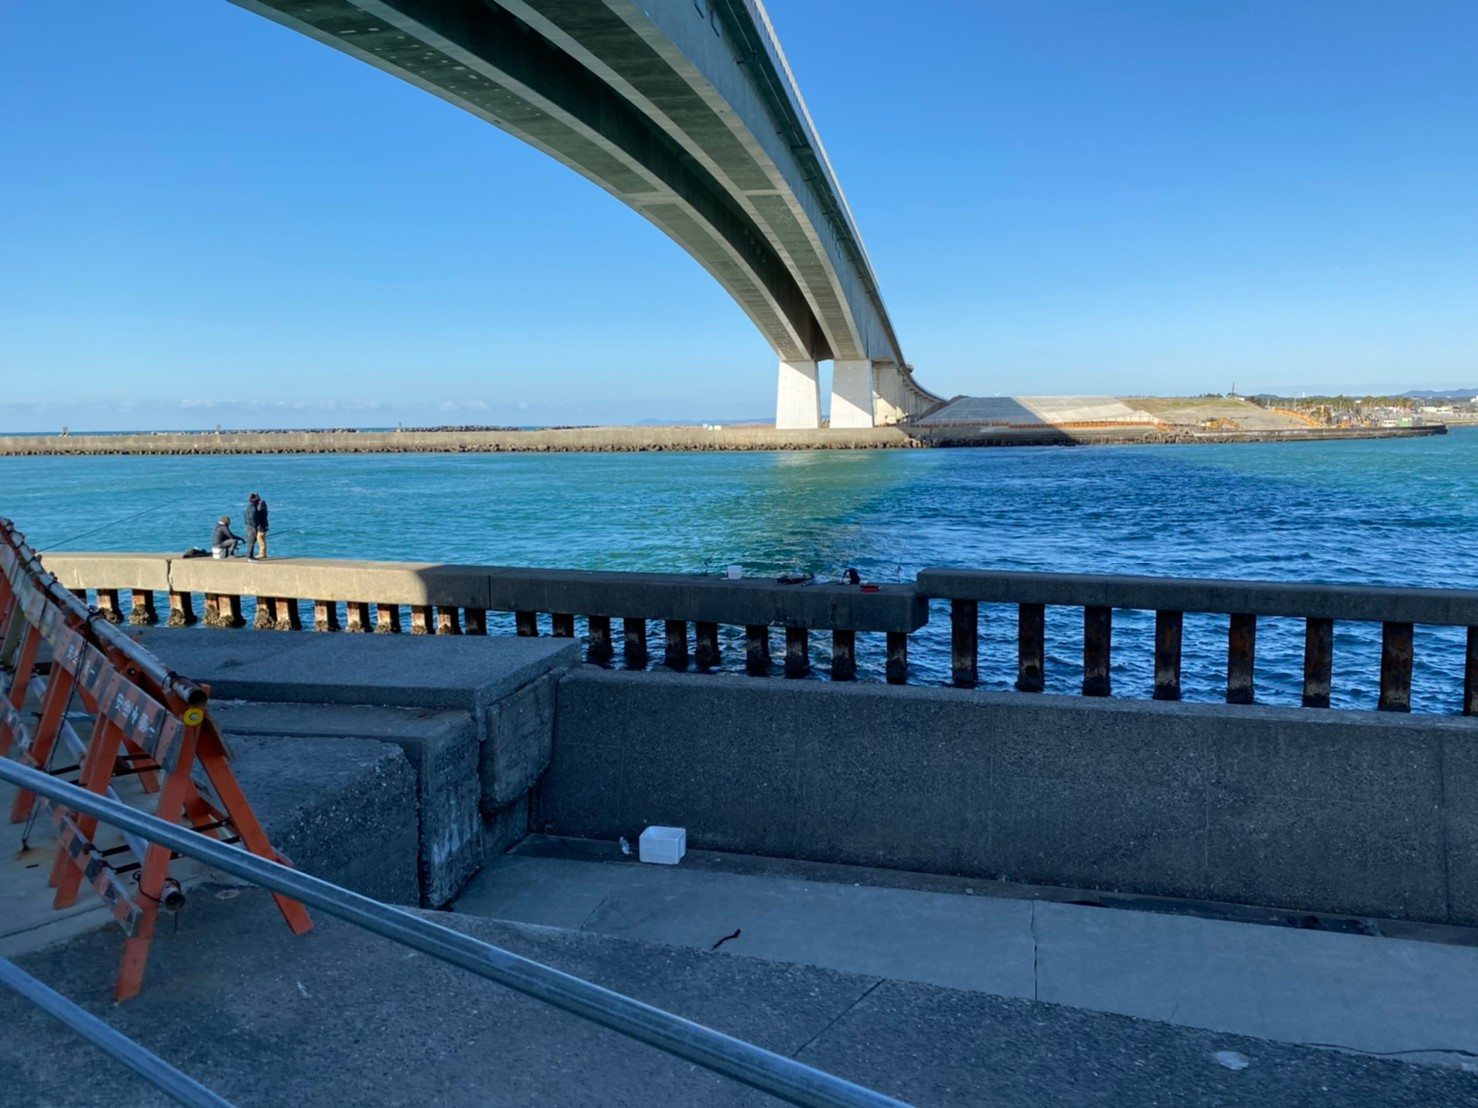 【浜名湖】『今切口:いまぎりぐち』の釣り場ガイド(駐車場・釣れる魚・トイレ)